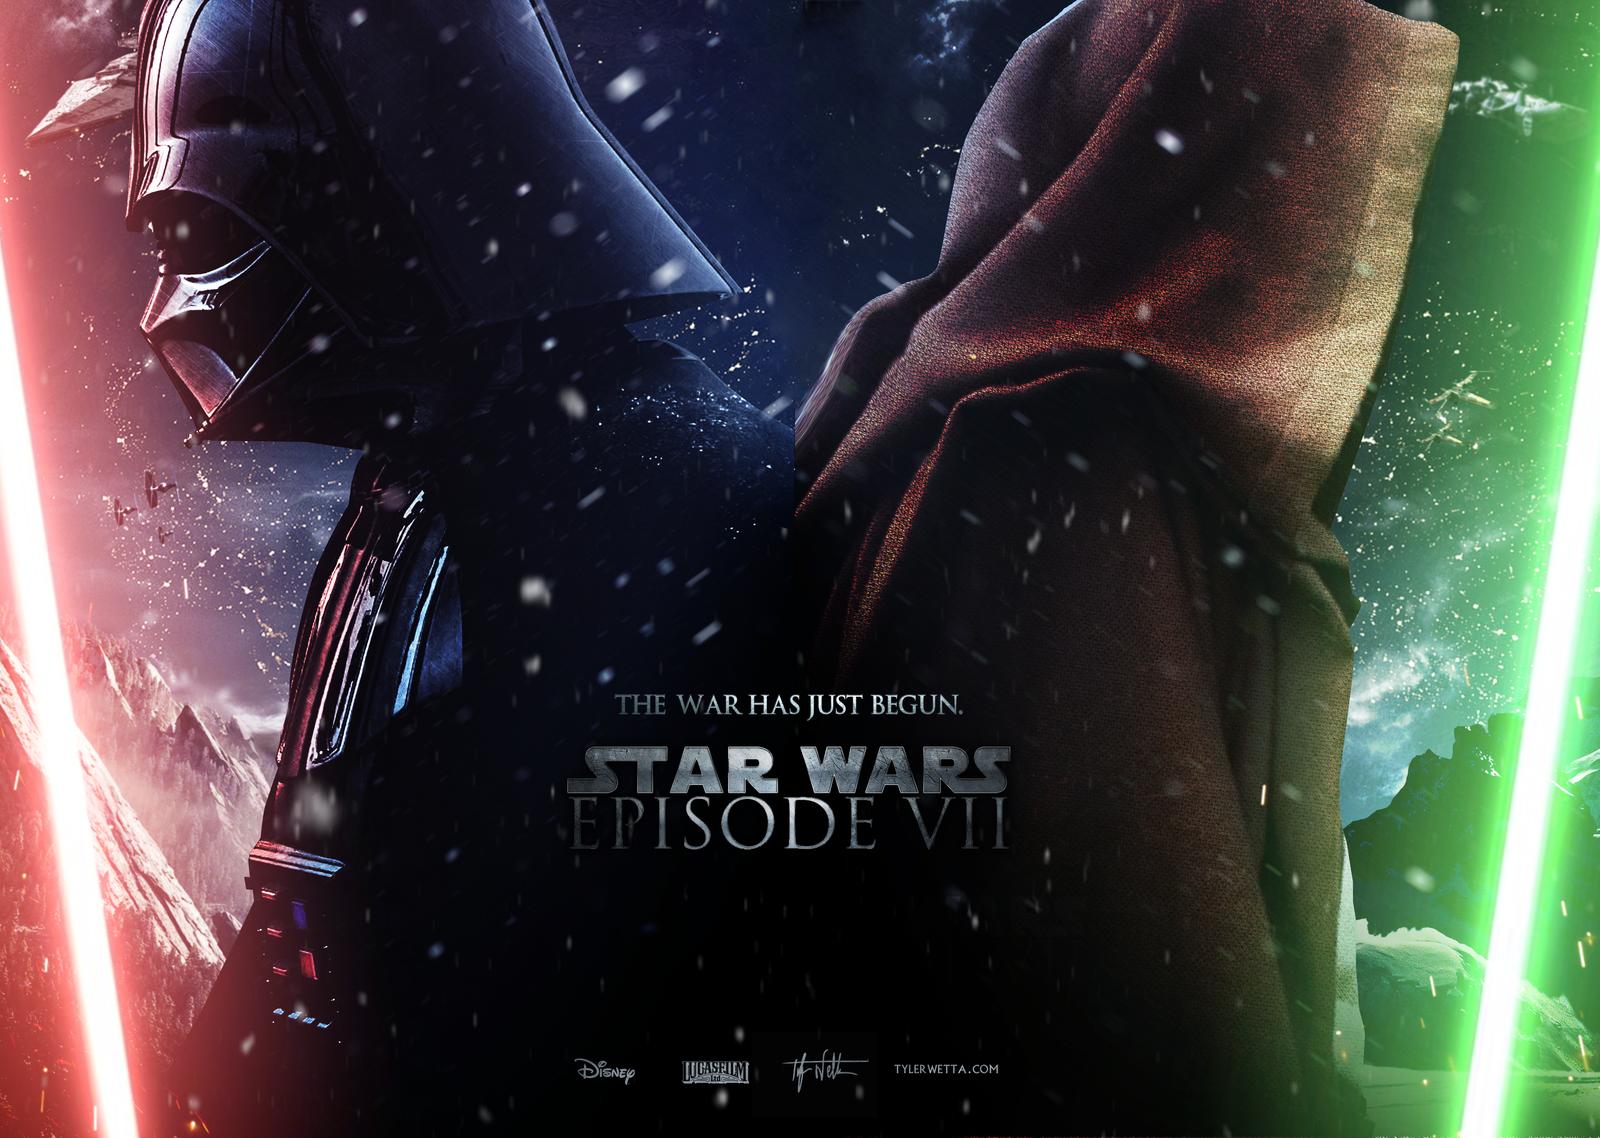 Star Wars Episode Vii Wallpaper By Ancoradesign On Deviantart Star Wars Episode Vii Star Wars Merch Star Wars Episodes